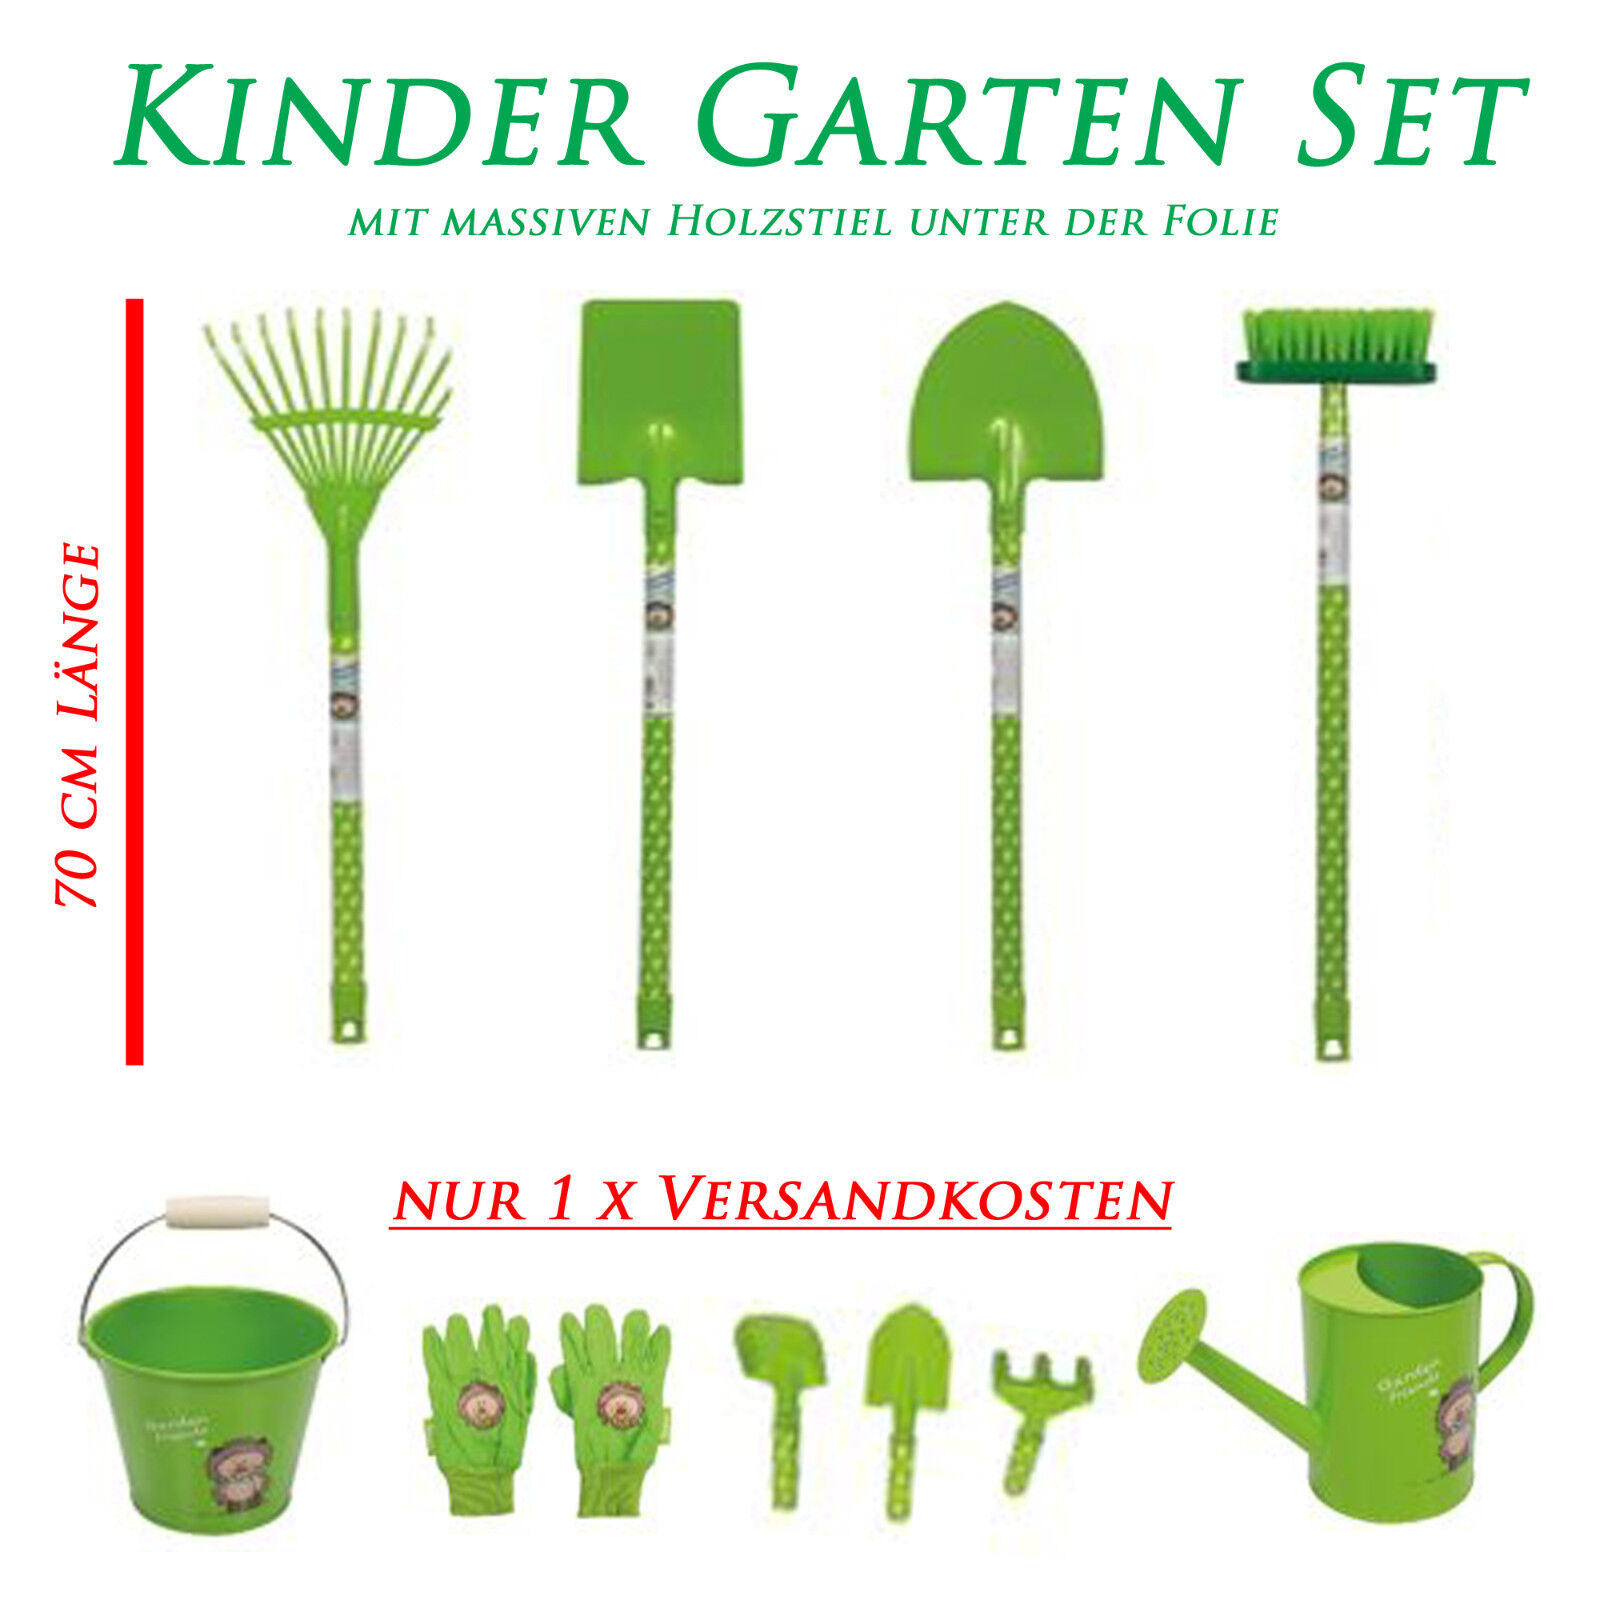 Kinder Garten Set Spaten Schaufel Rechen Gießkanne Eimer Handschuhe Holz Metall